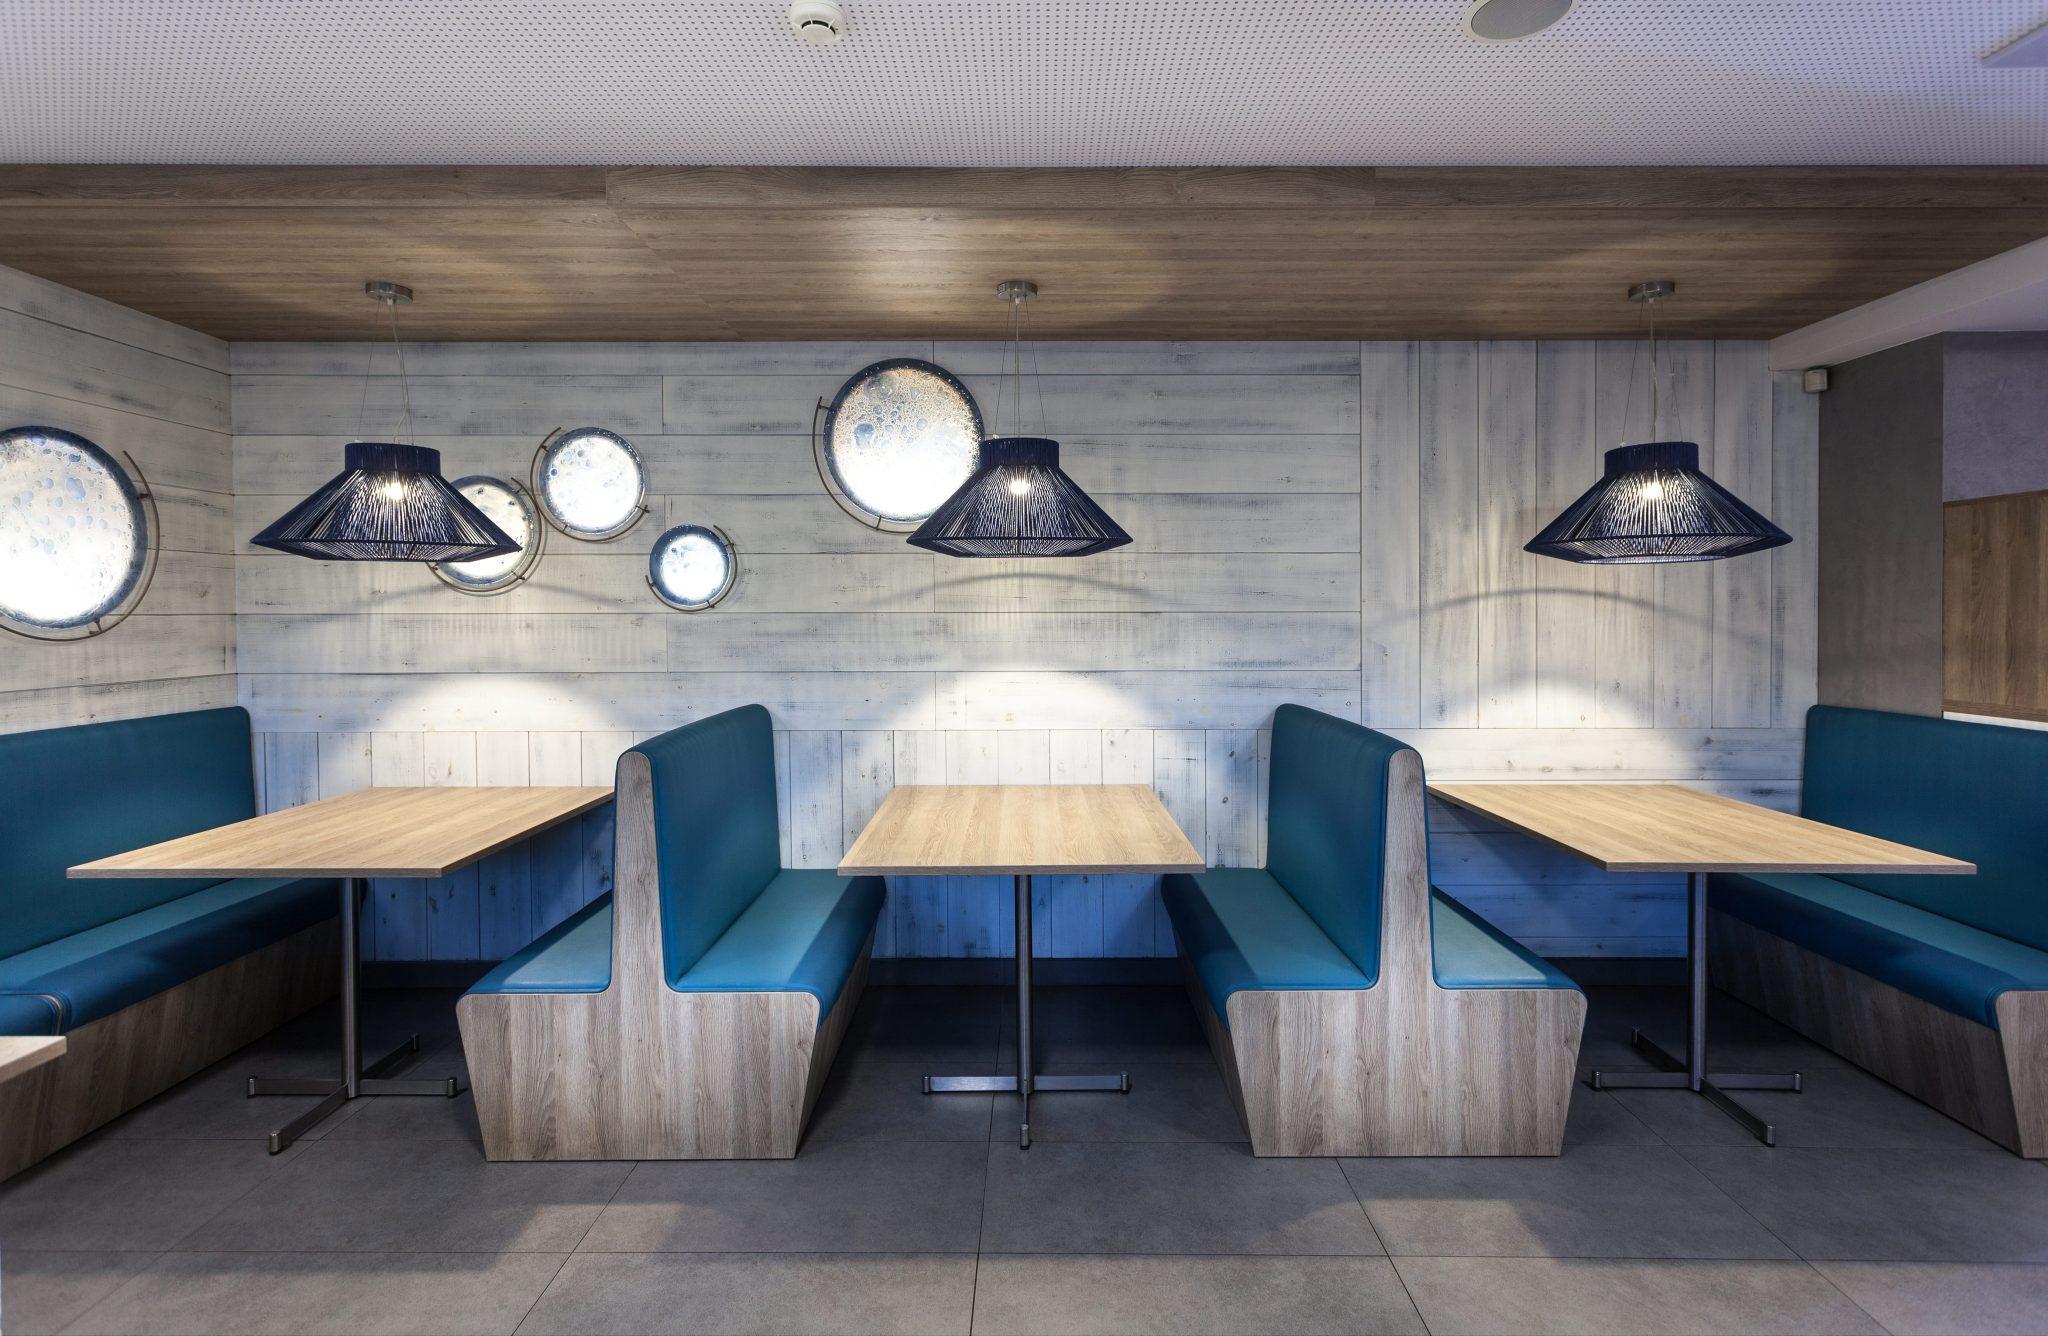 Restaurante Pizzeria Atlantida Vilassar de Mar - Interior diseñado por Rosa Colet.